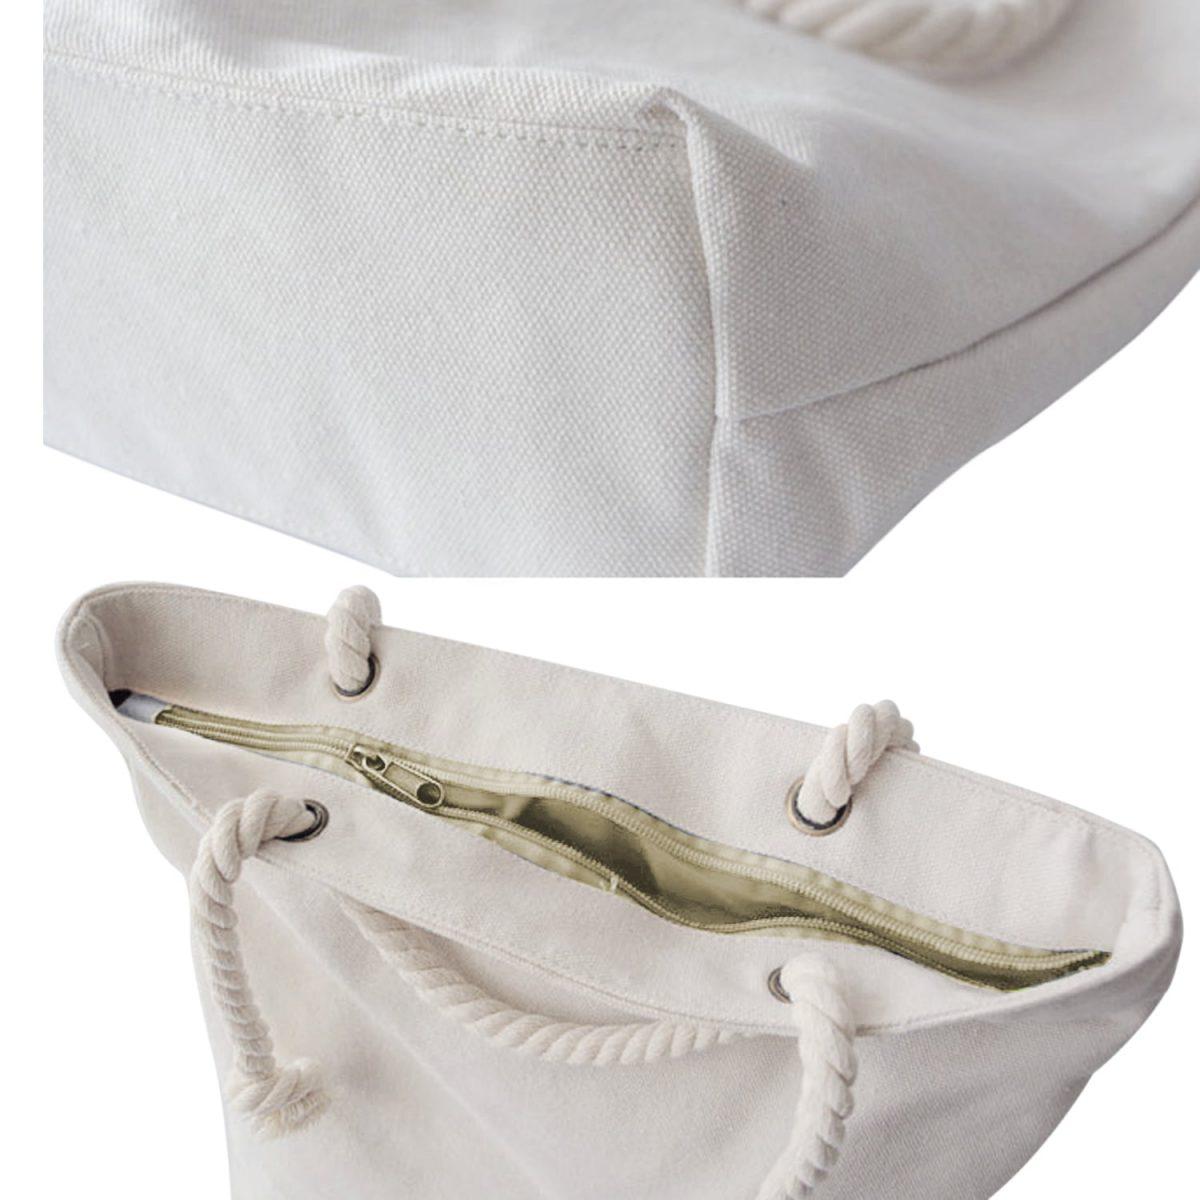 Zigzag Desen Dijital Baskılı Fermuarlı Modern Kumaş Çanta Realhomes